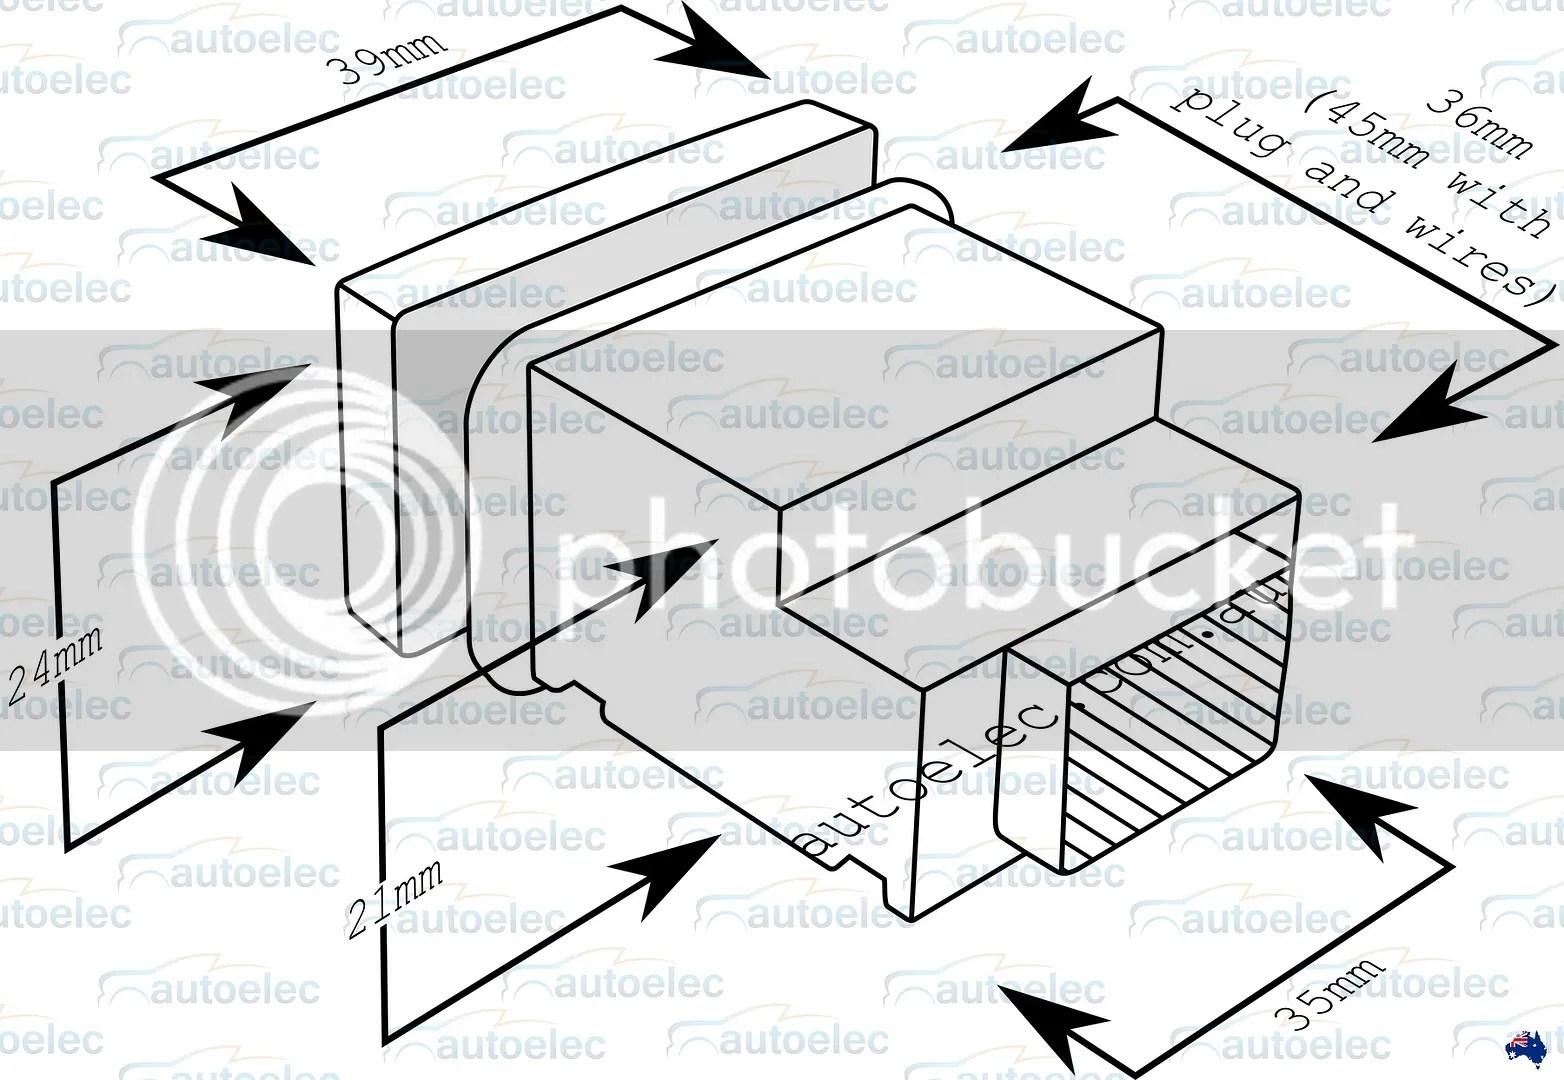 Lightforce Wiring Diagram : 25 Wiring Diagram Images